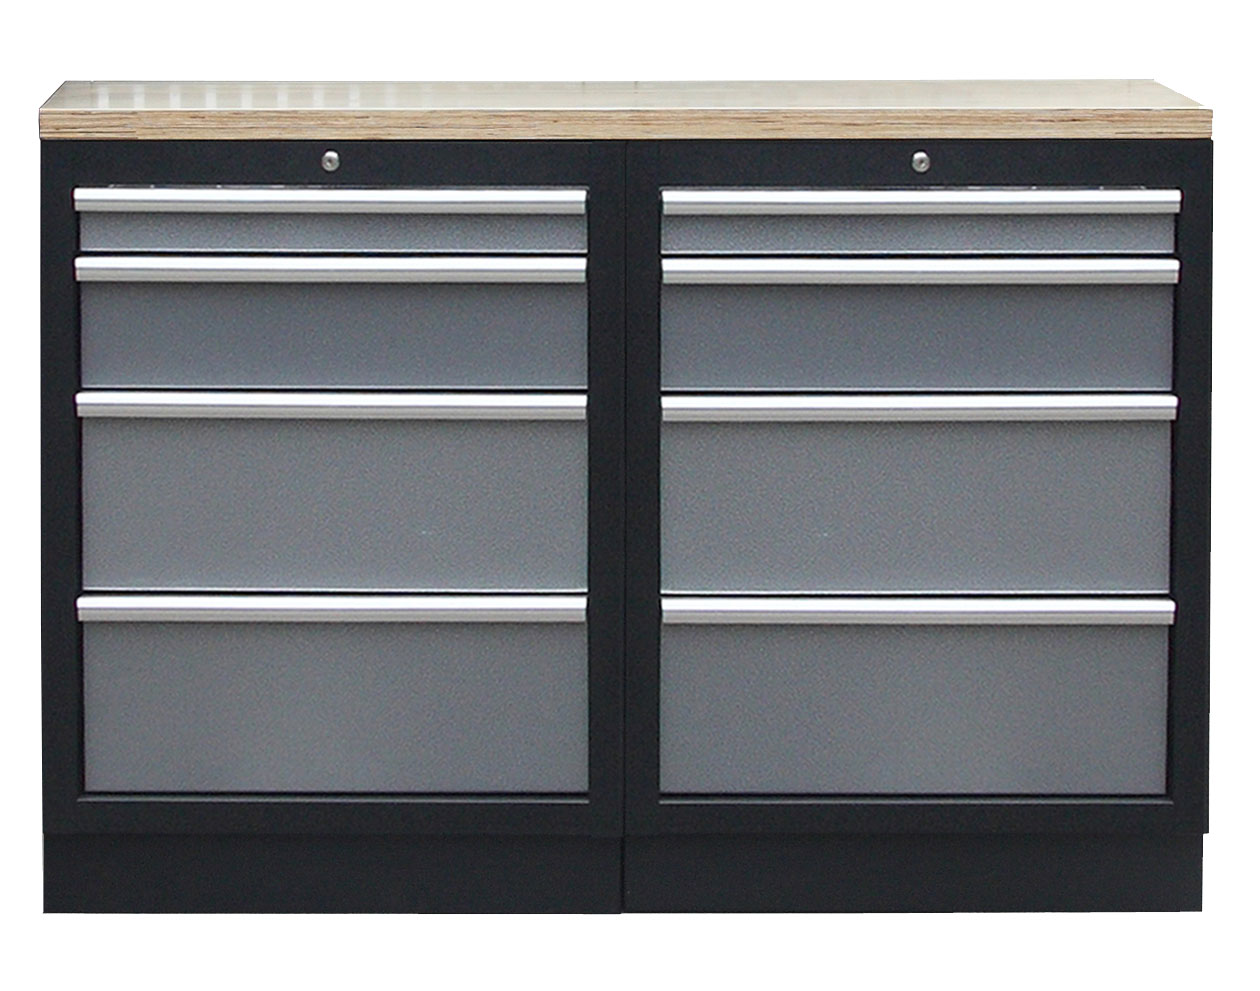 Sestava nábytku AHPROFI, vel. S, dřevěná deska - TGS1300BAL10